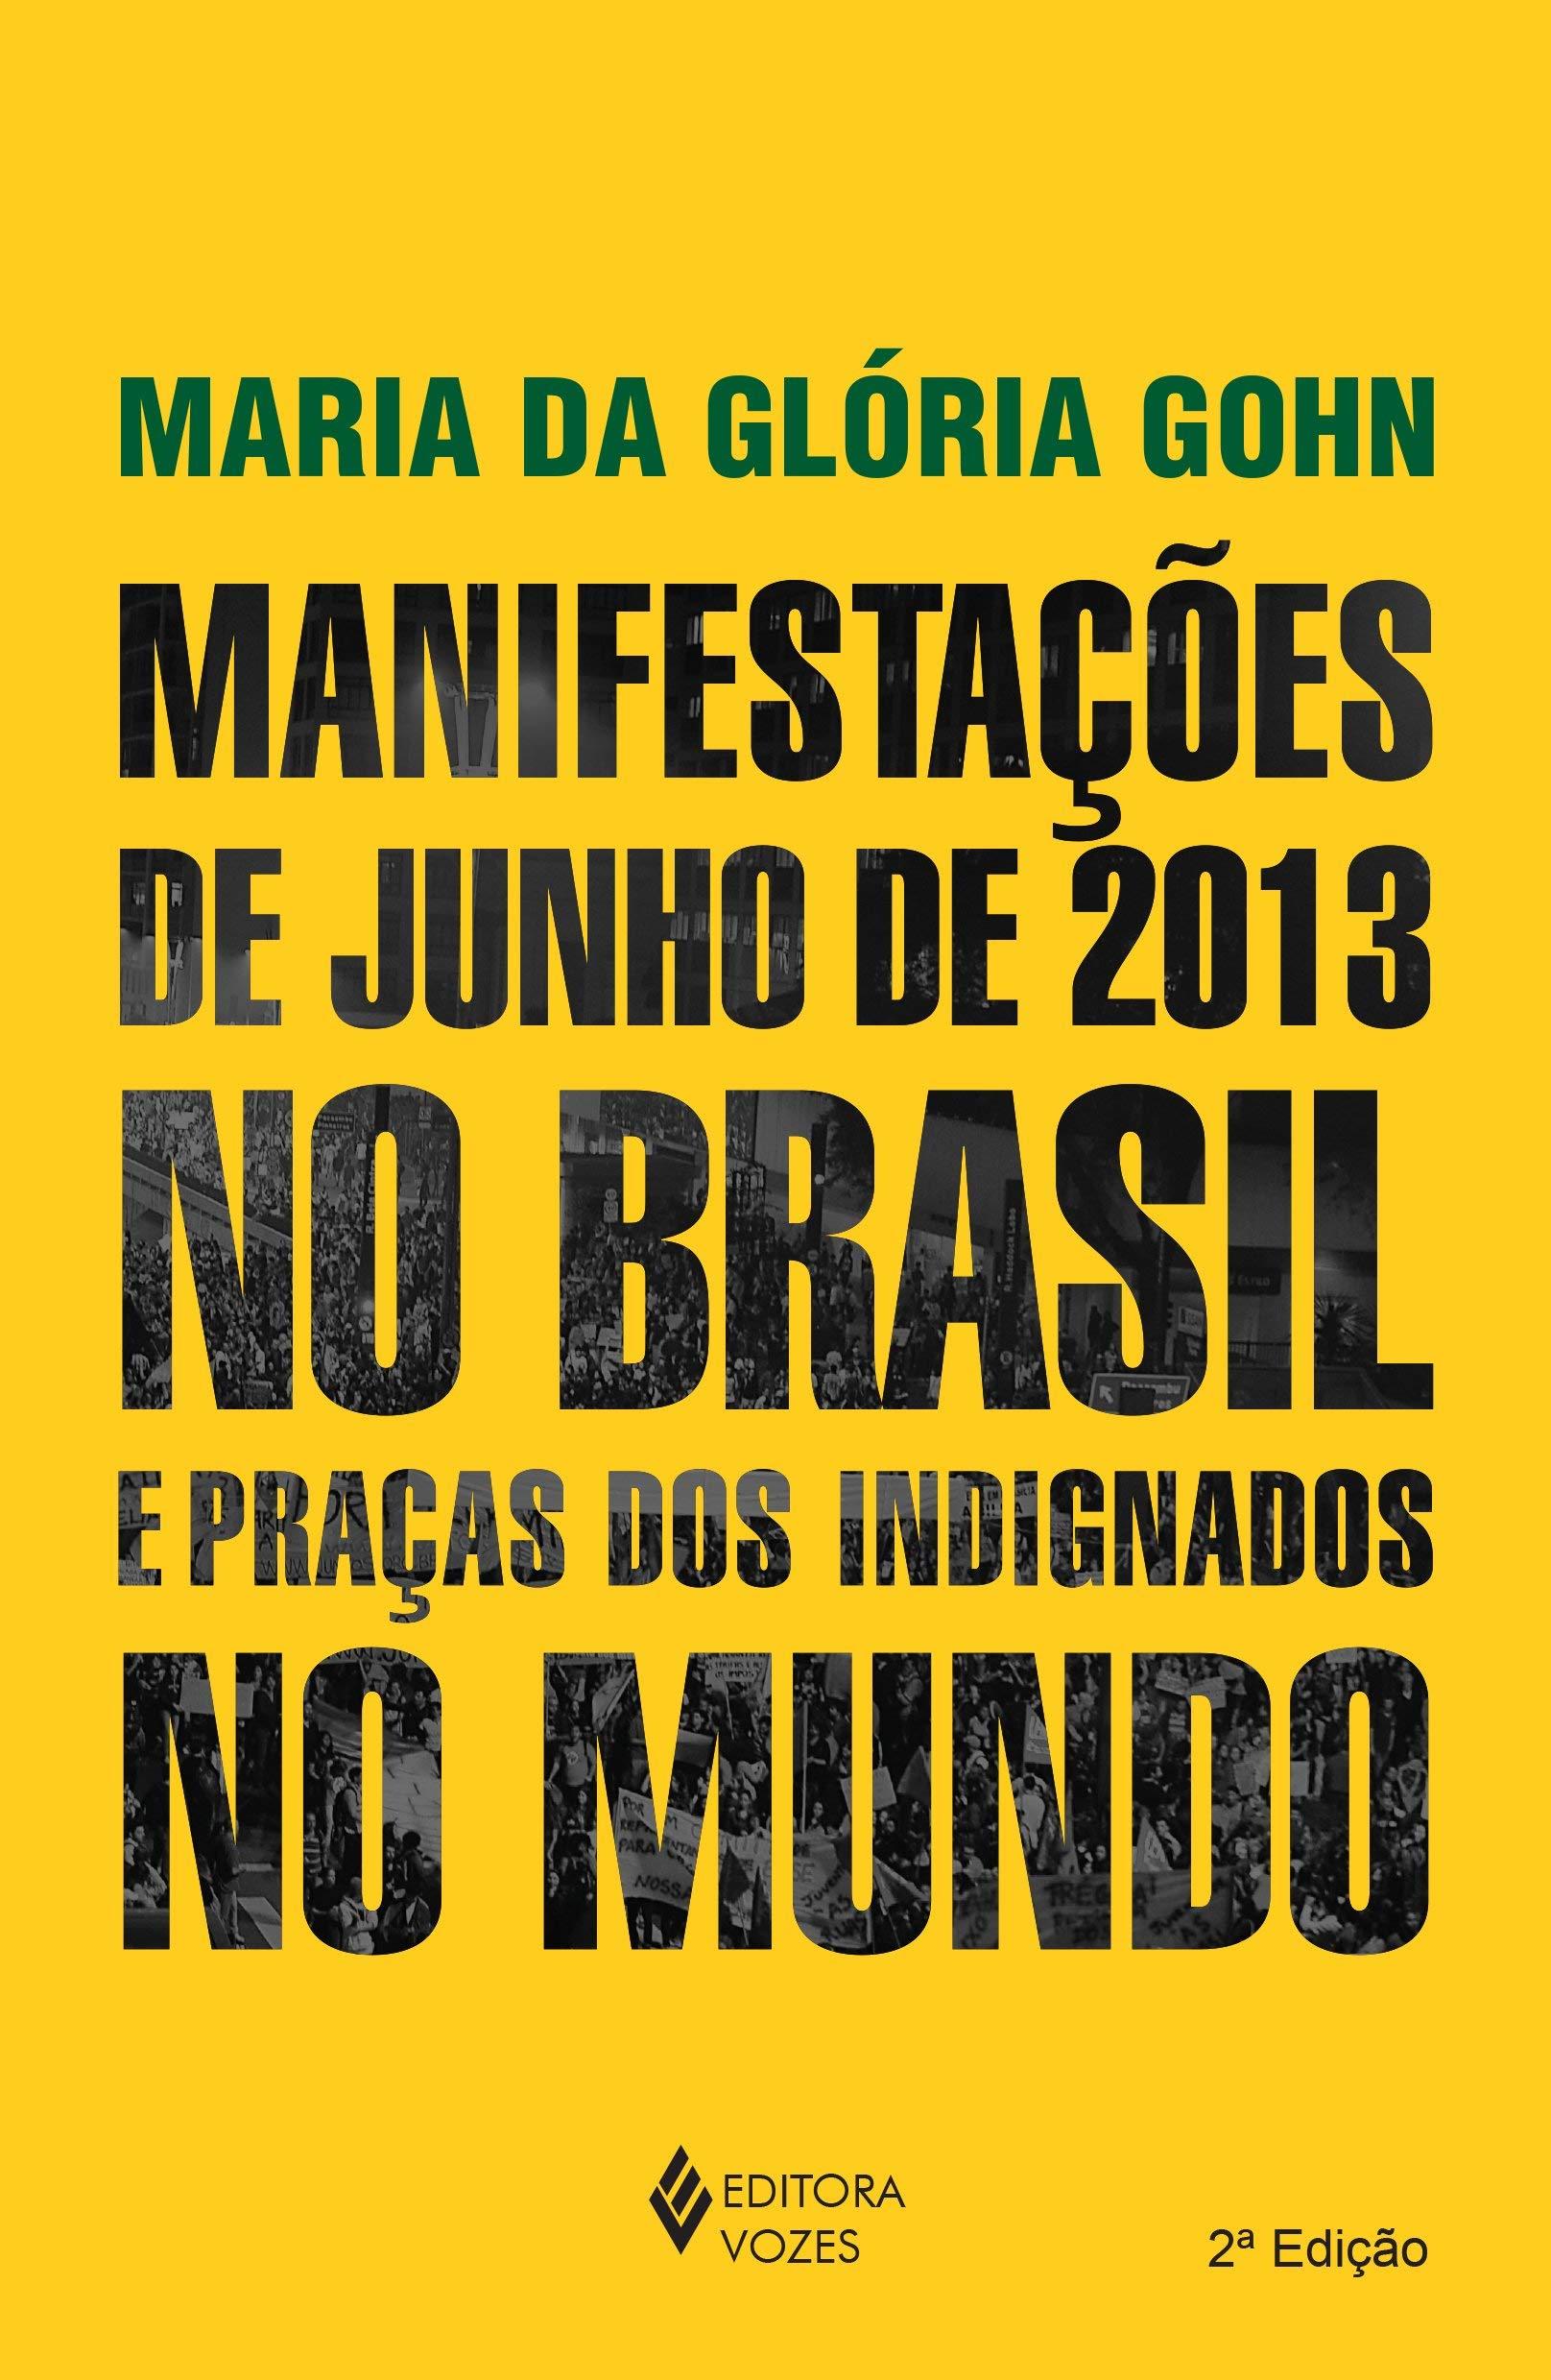 Resenha | Manifestações de Junho de 2013 no Brasil e Praças dos Indignados no Mundo – Maria da Glória Gohn